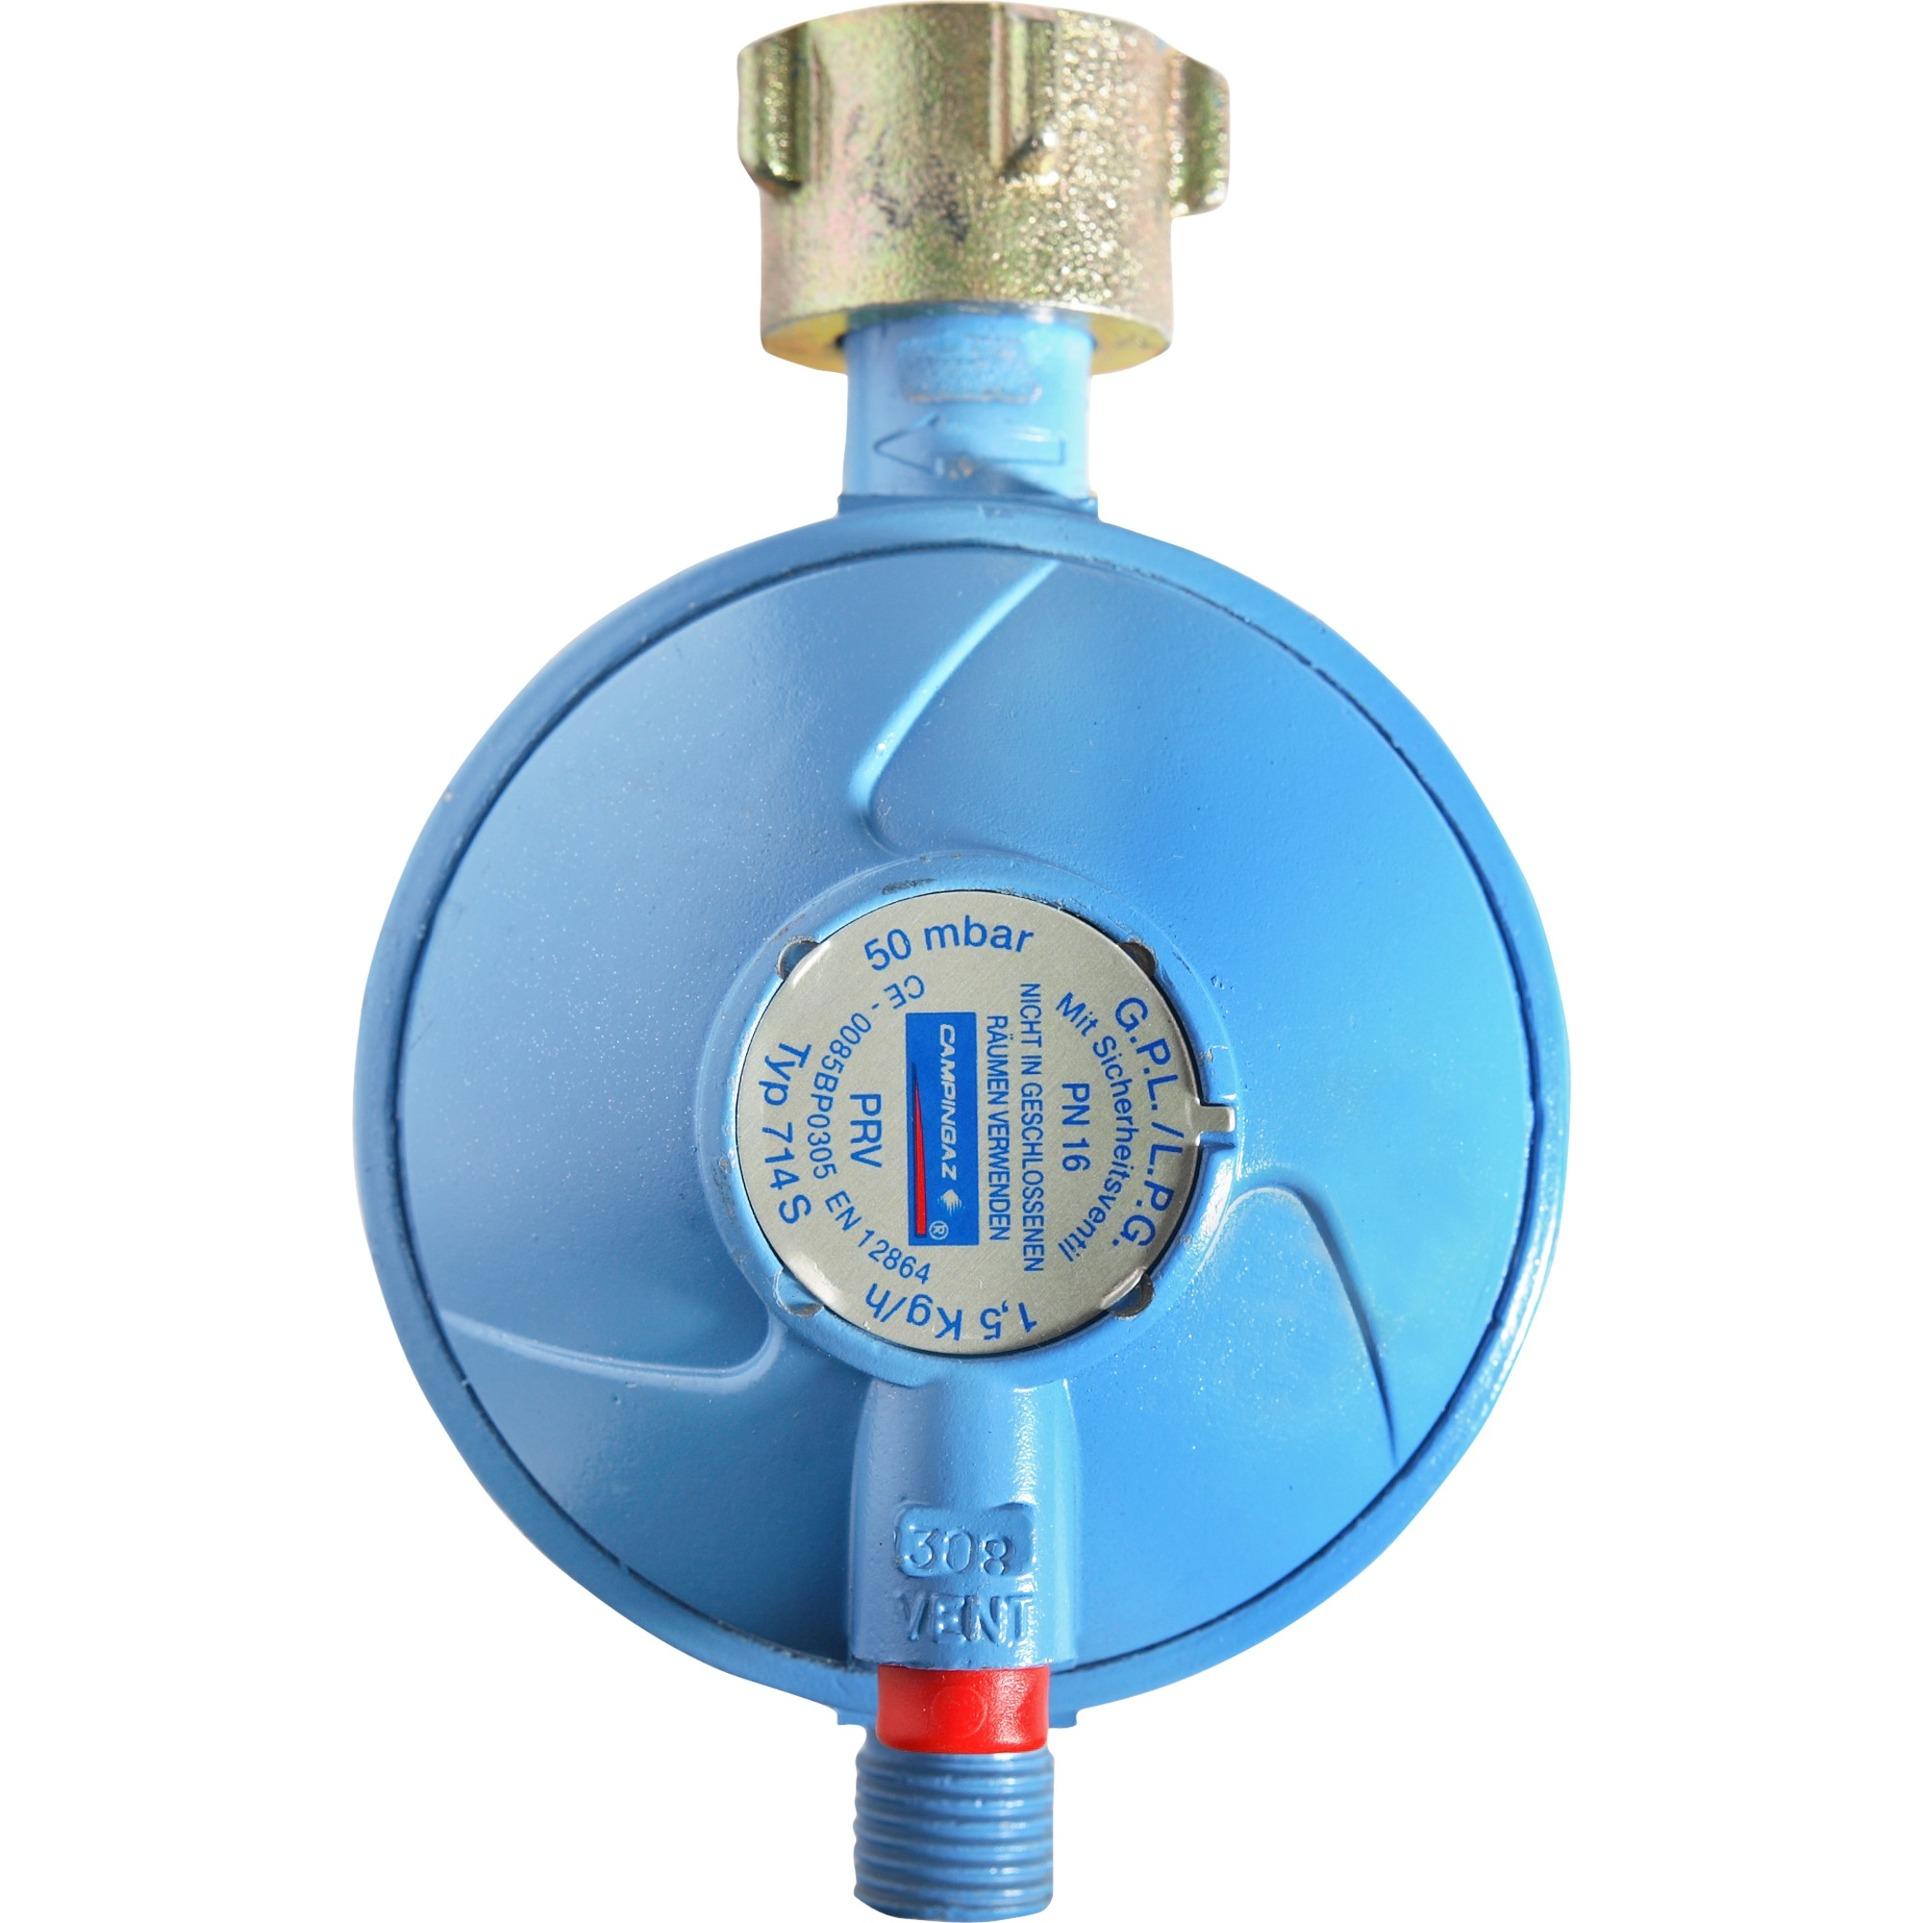 32422-drip-pressure-regulator-regulering-ventil